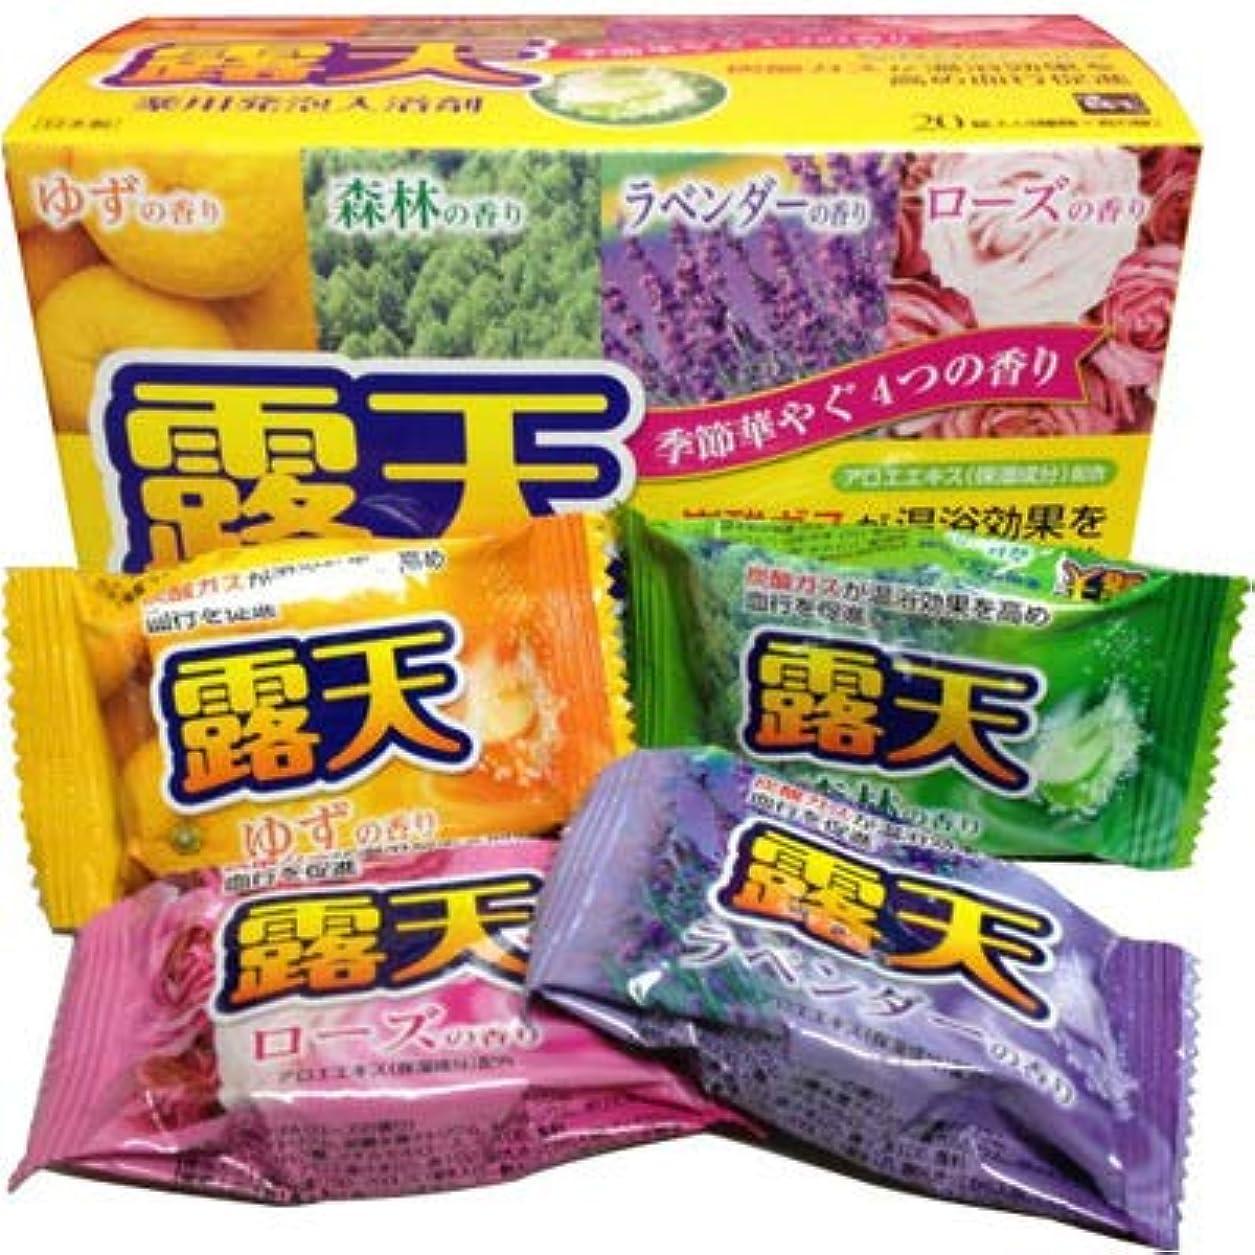 受粉する襟レッスン薬用発泡入浴剤 露天40g 4種類アソート(1セット400個入)